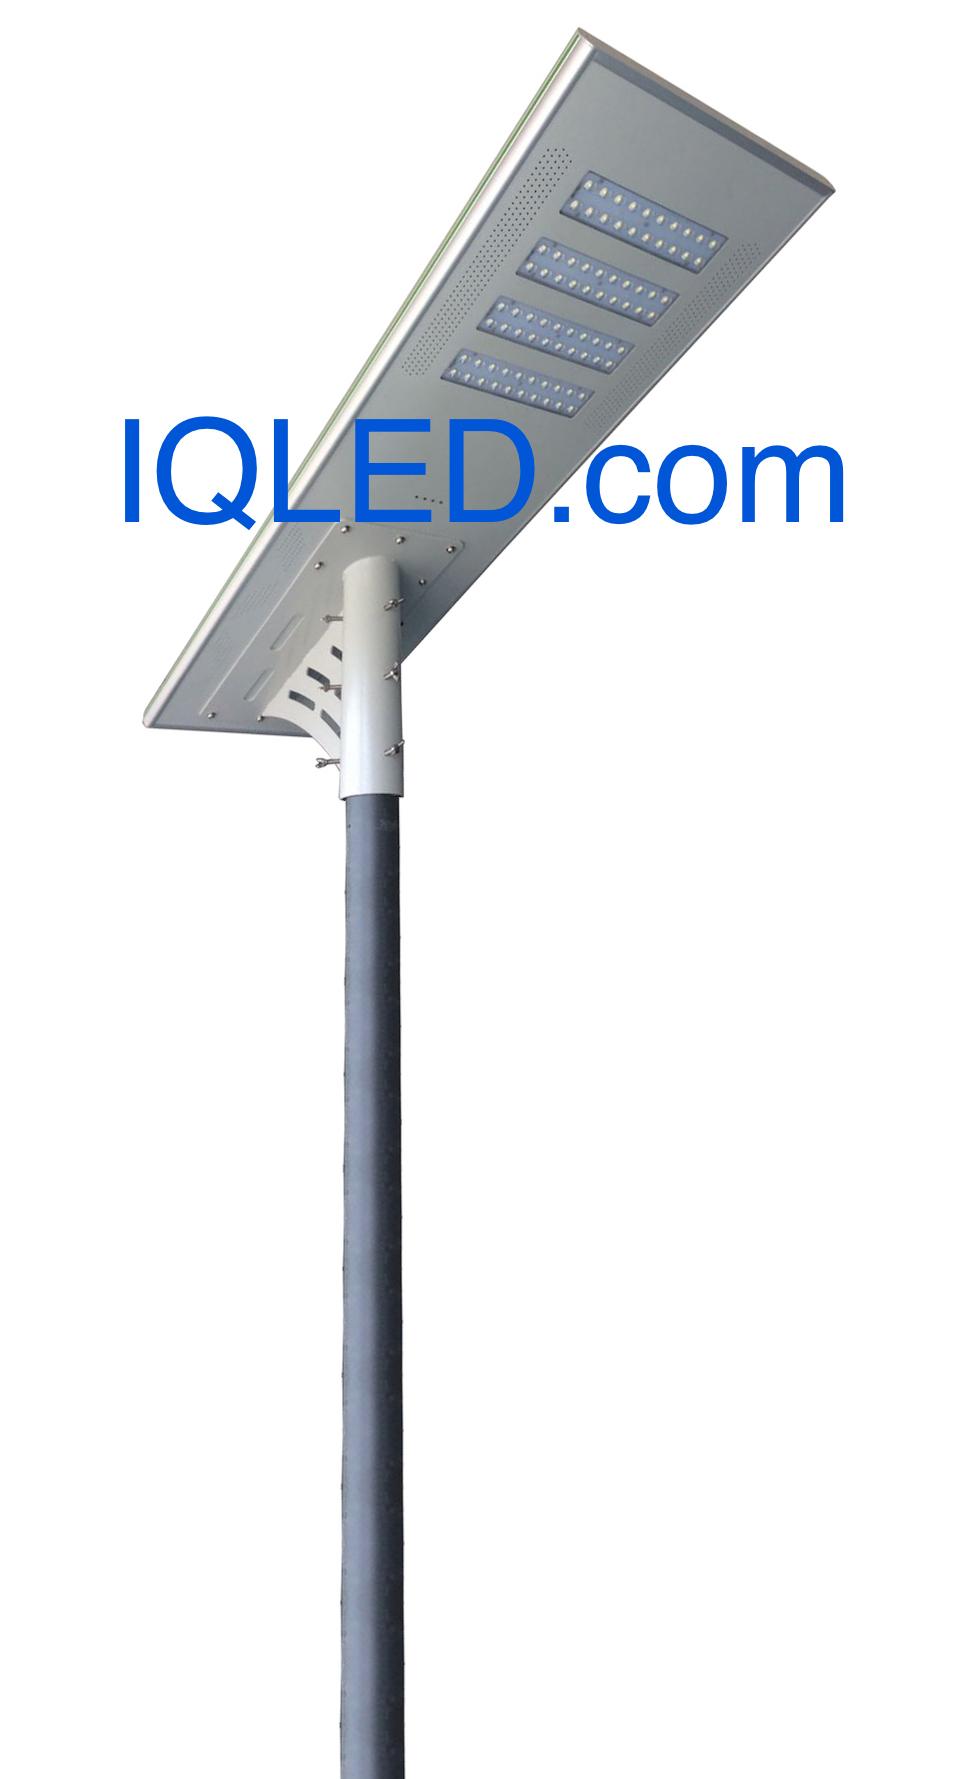 OkSolar.com Hotels Parking Lots Solar Lighting